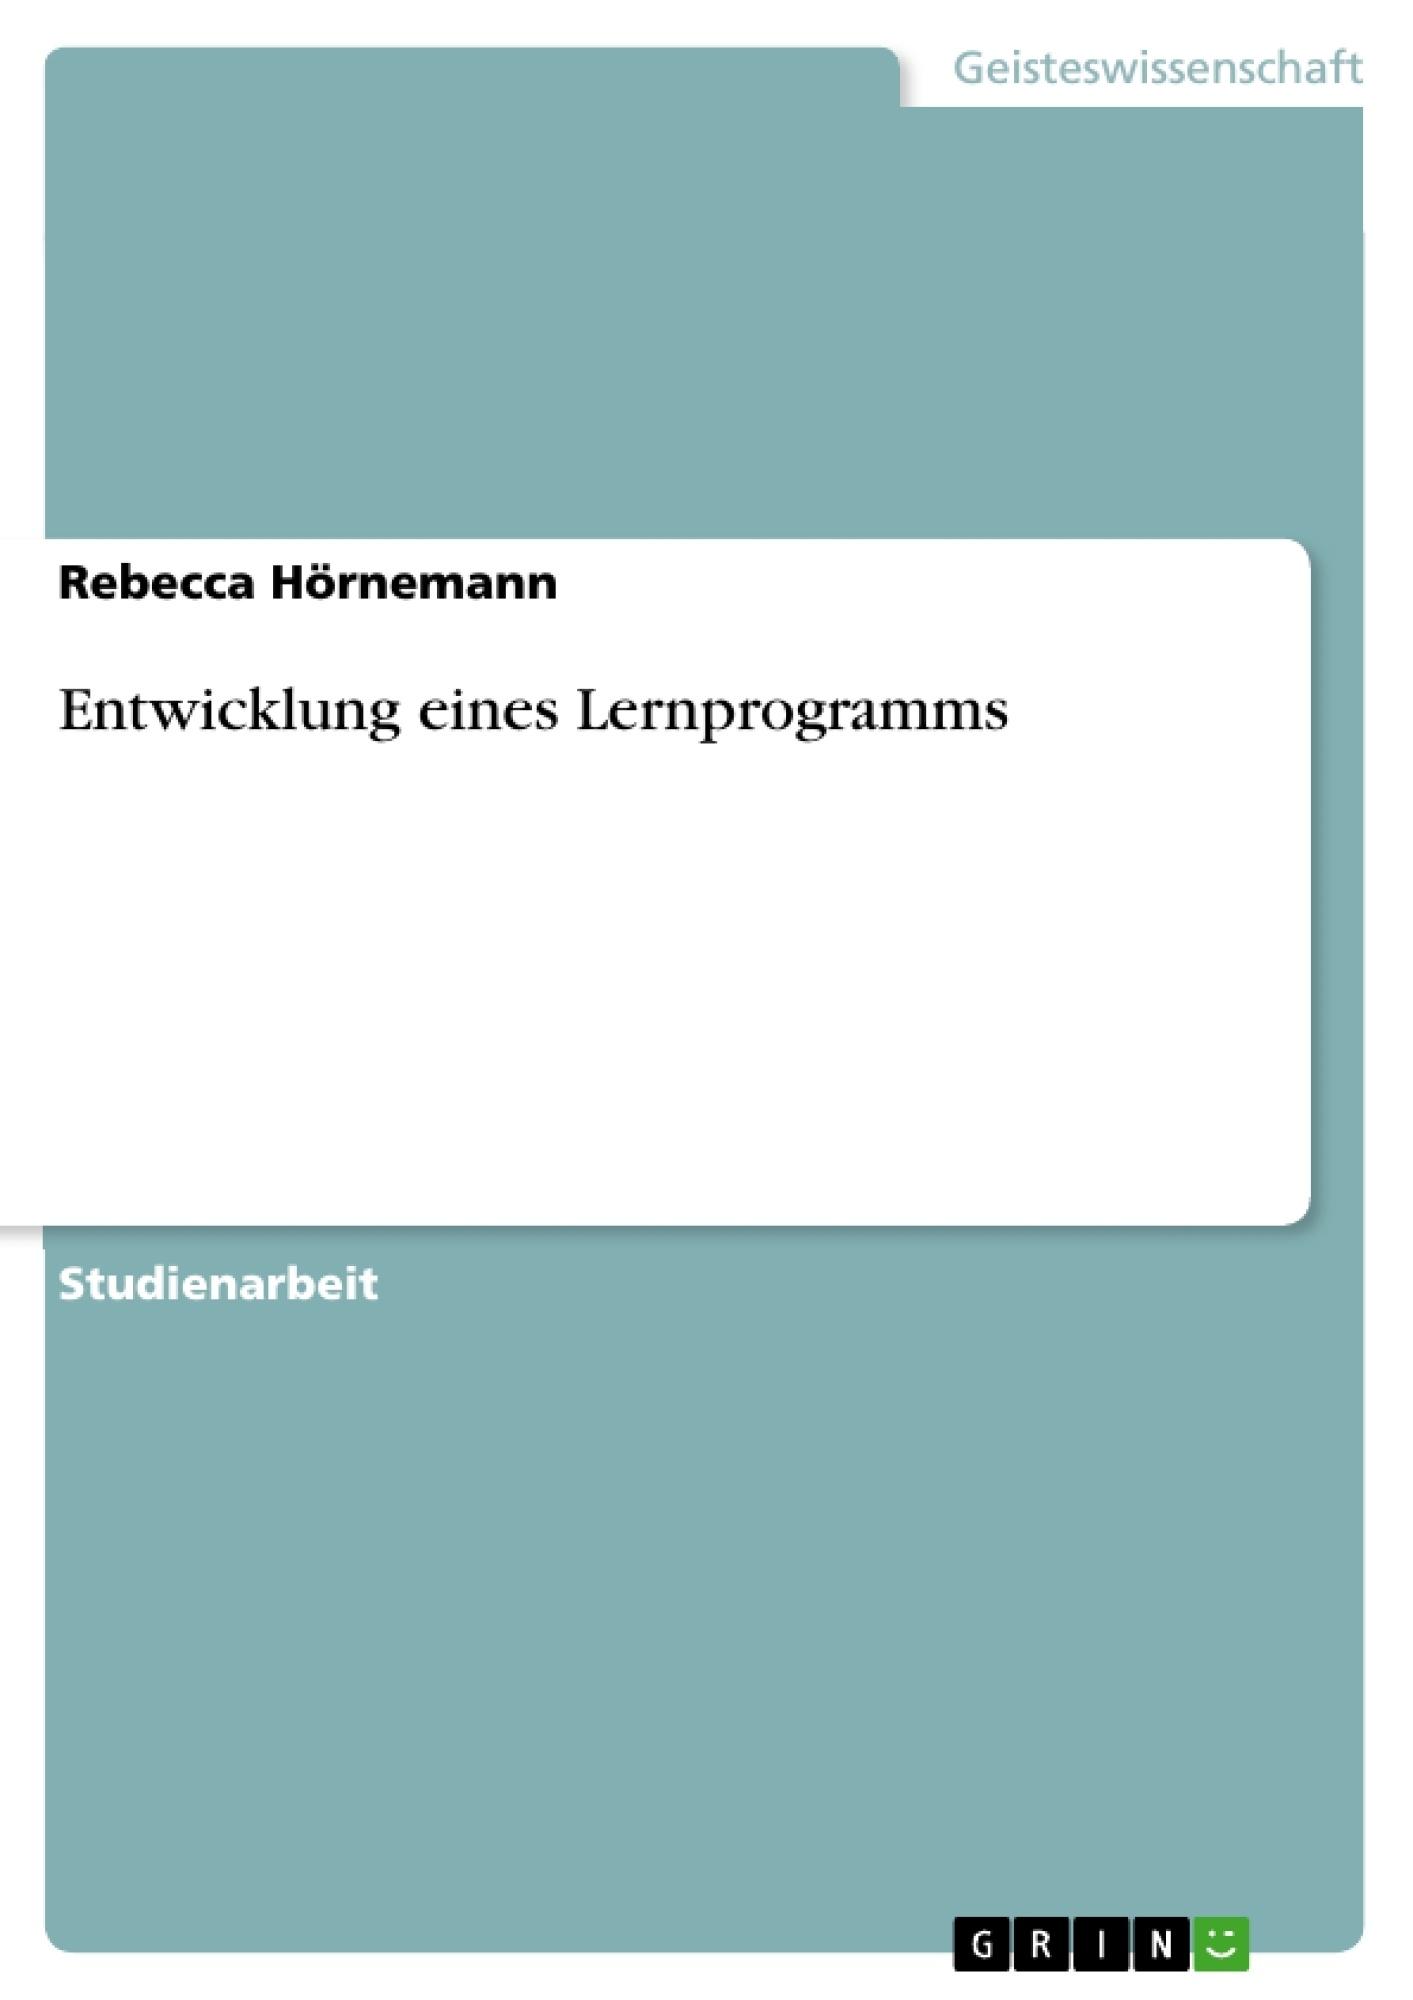 Titel: Entwicklung eines Lernprogramms